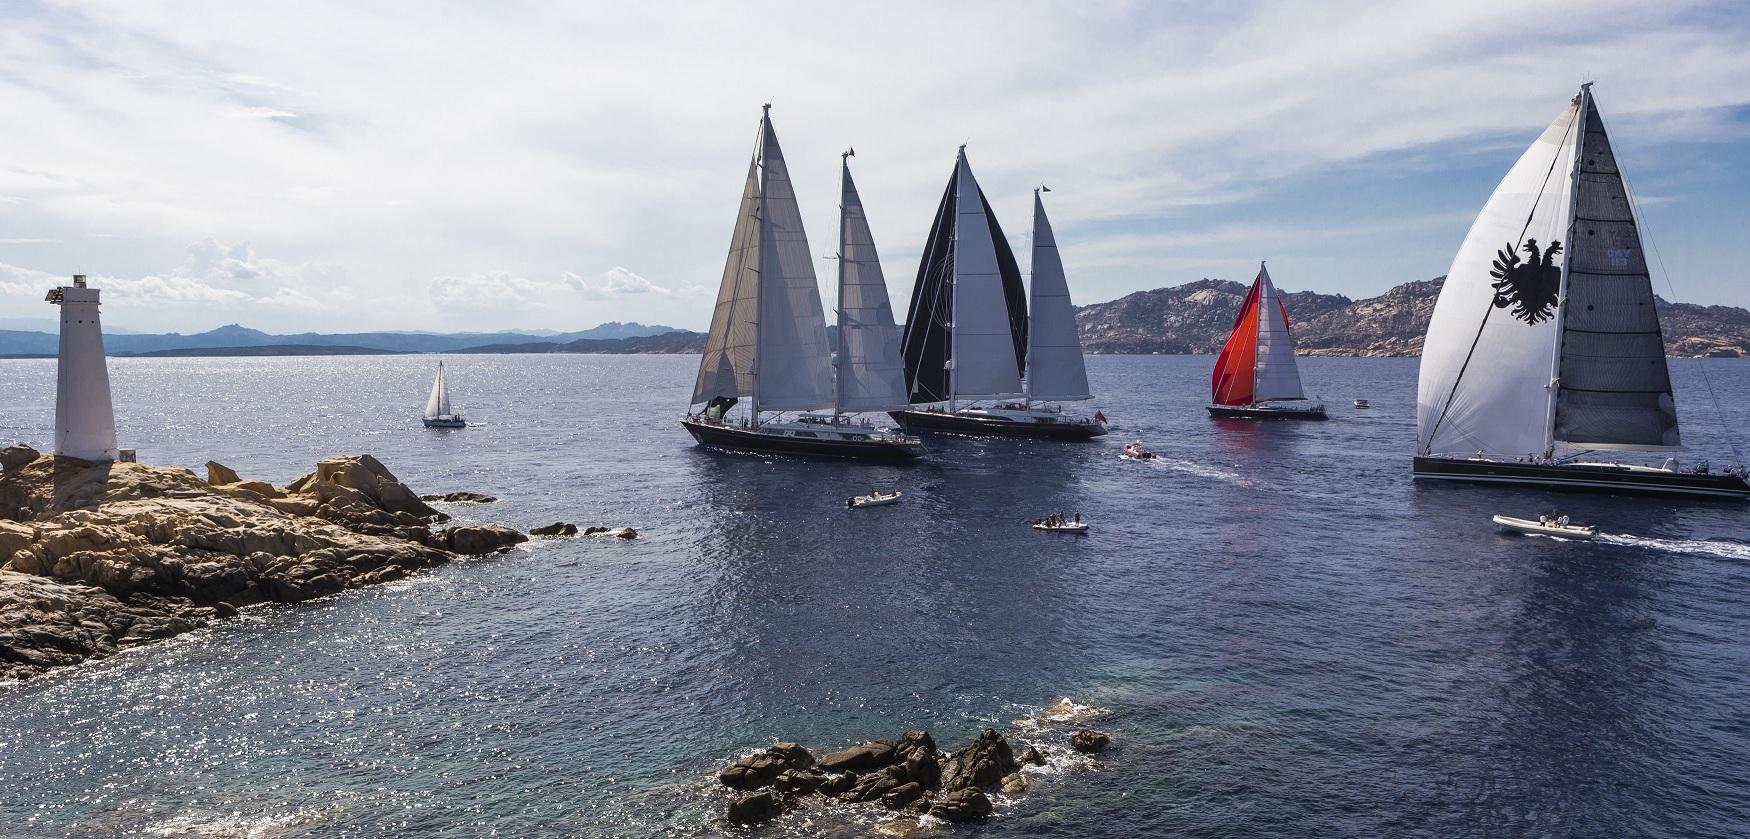 PERINI NAVI PRESENTA LA SESTA EDIZIONE DI PERINI NAVI CUP - NEWS - Yacht Club Costa Smeralda